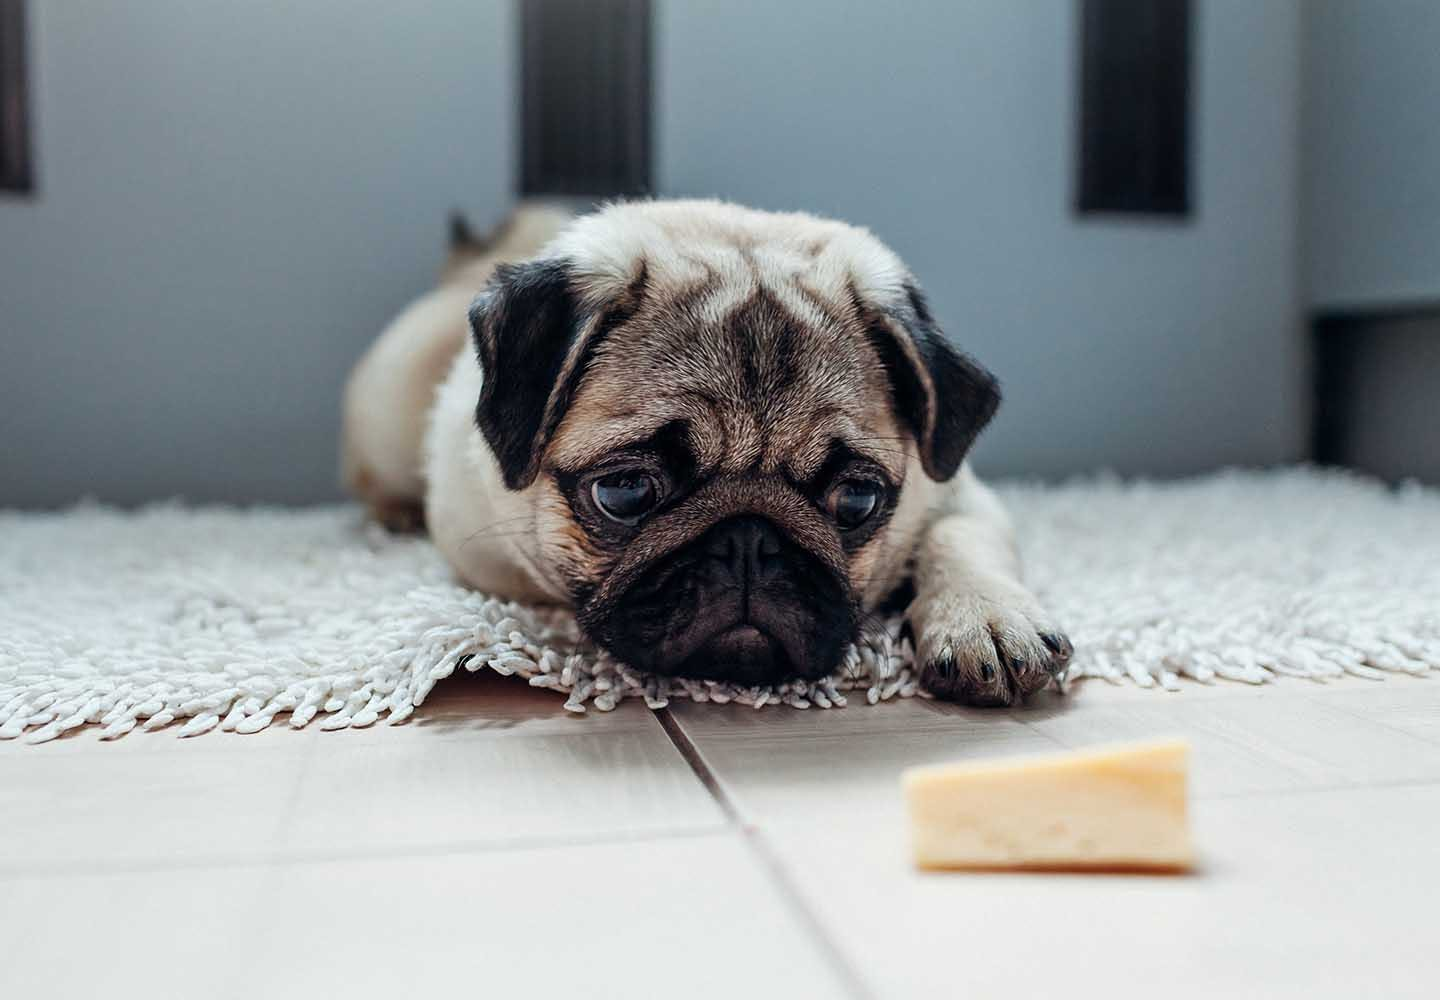 【獣医師監修】犬に人間用のチーズをあげても大丈夫?適量やおすすめの種類、アレルギーや塩分などの注意点について解説_チーズを見つめる犬